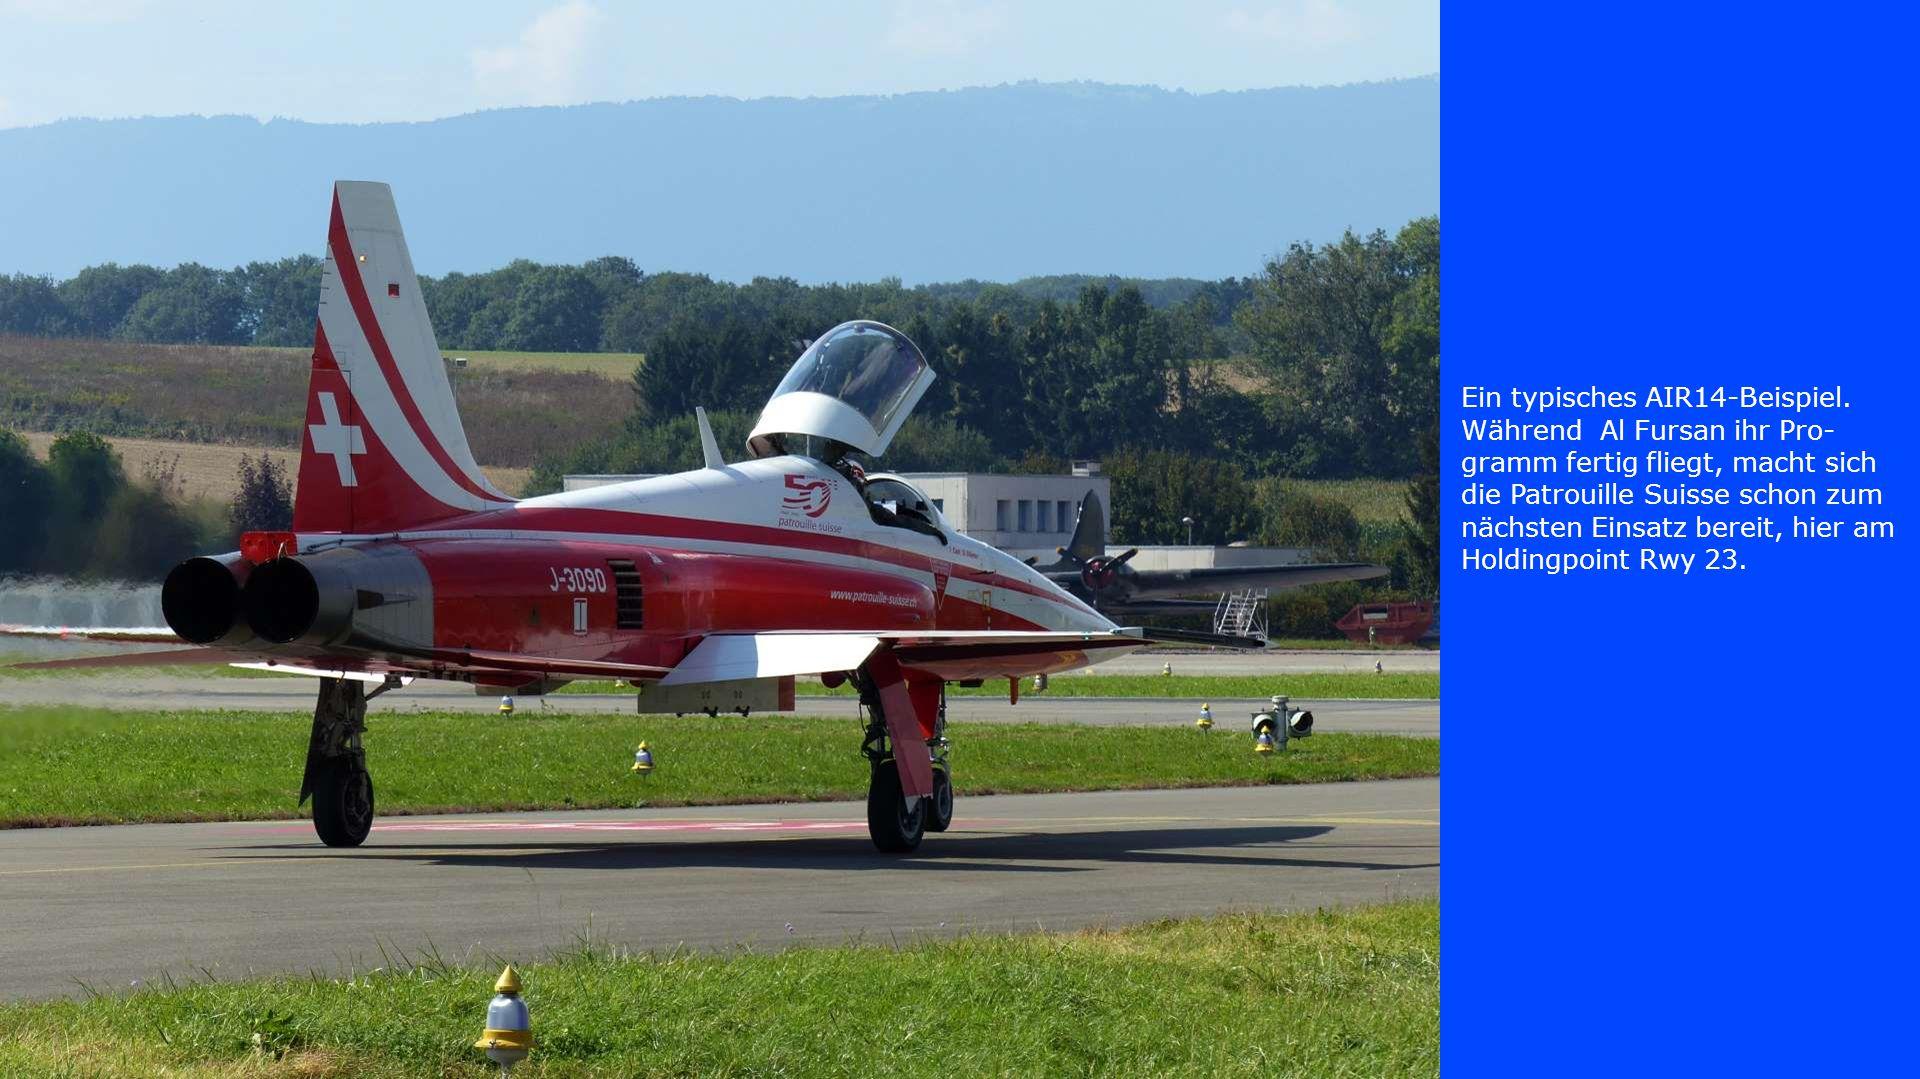 Ein typisches AIR14-Beispiel. Während Al Fursan ihr Pro- gramm fertig fliegt, macht sich die Patrouille Suisse schon zum nächsten Einsatz bereit, hier